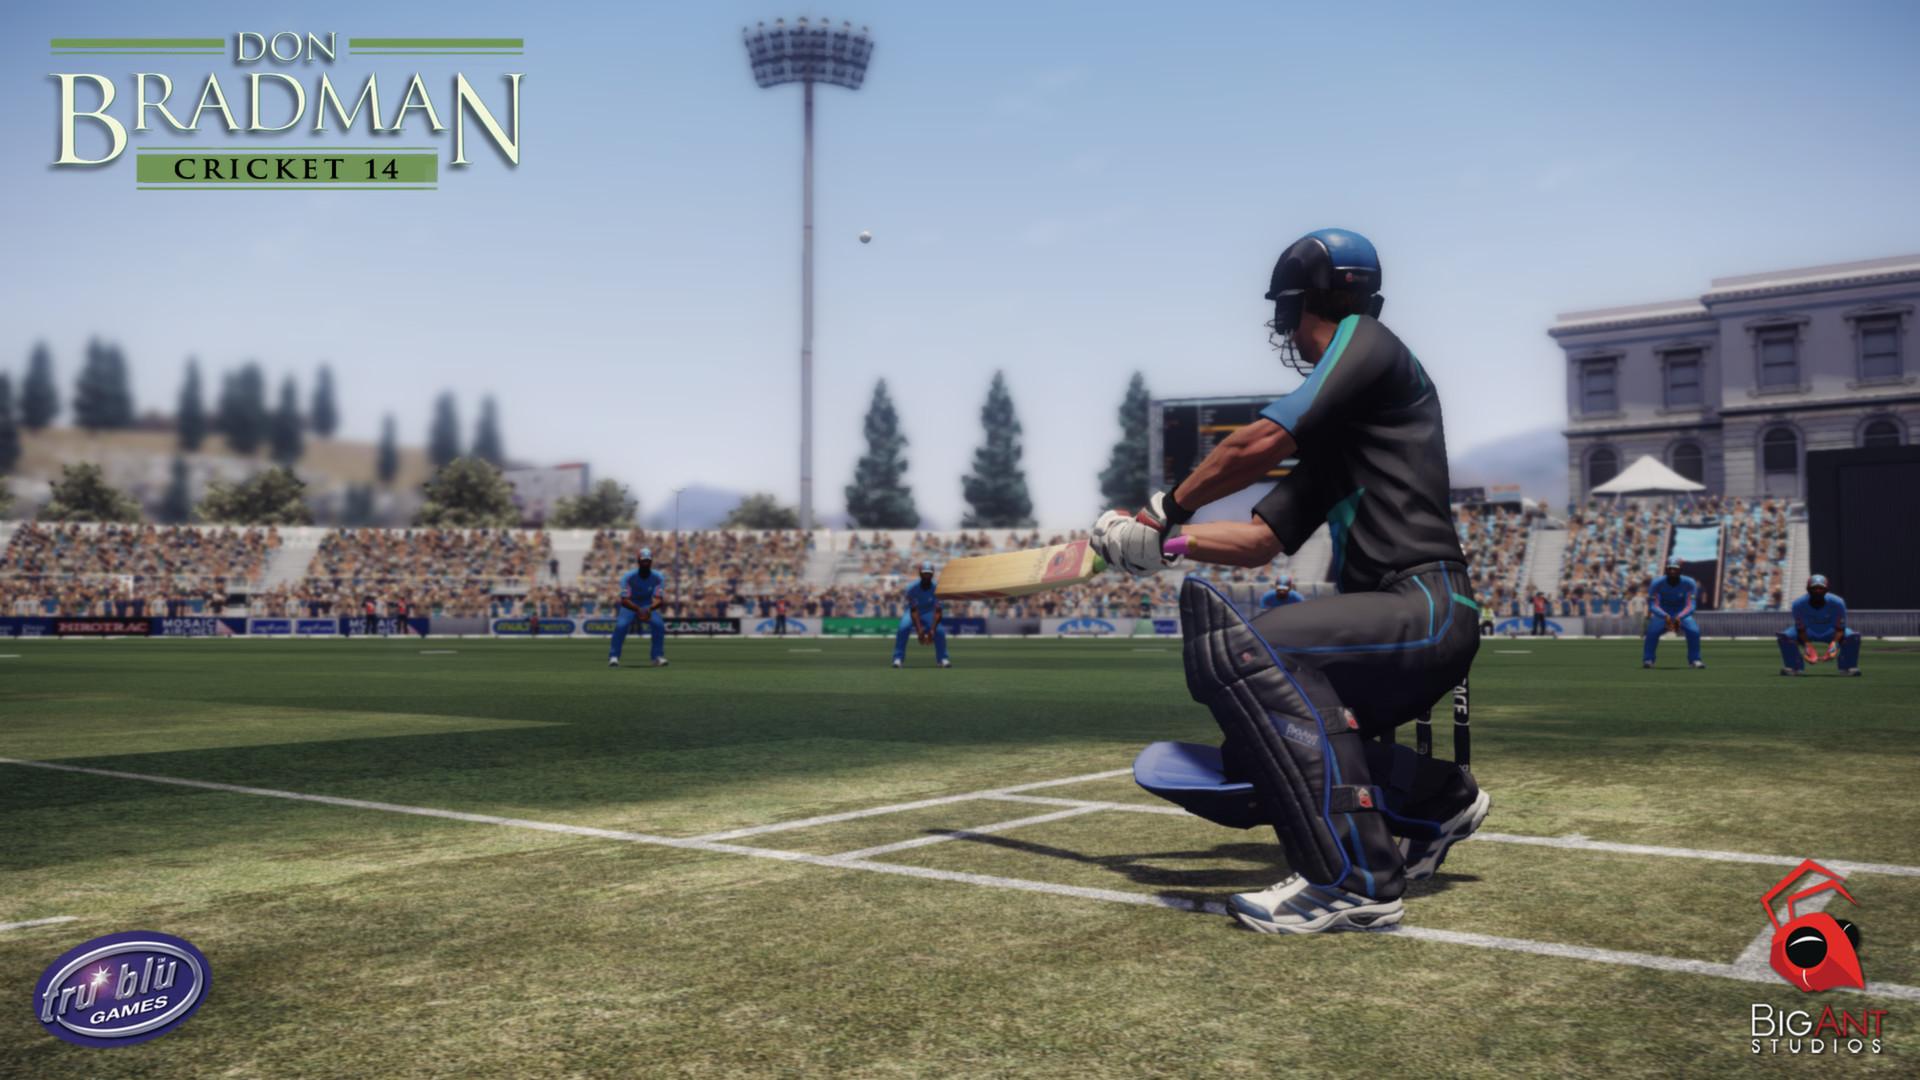 Don bradman cricket 14 full pc game download